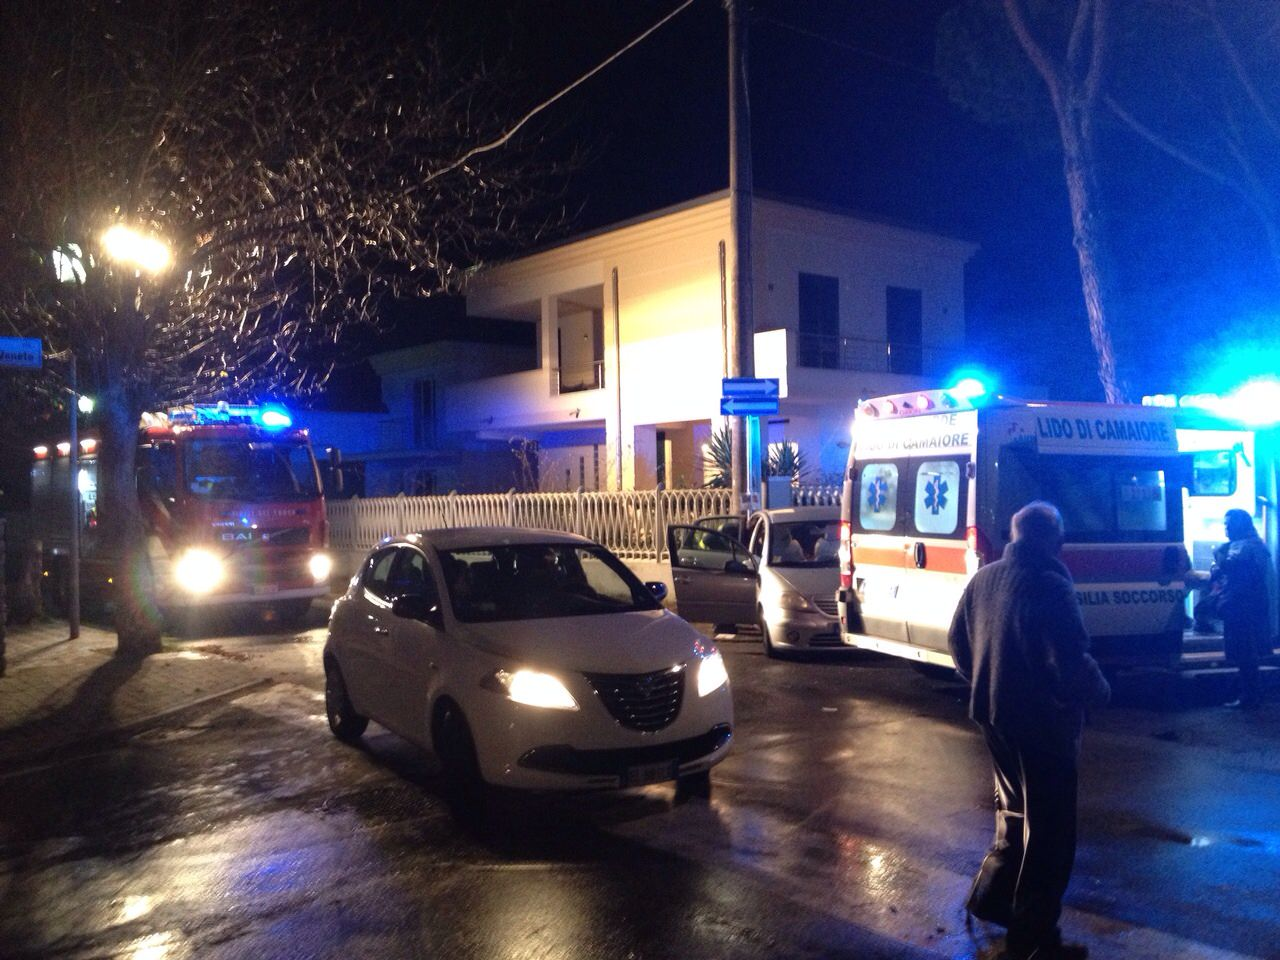 Incidente a Lido, due feriti: intervengono anche i vigili del fuoco (foto)